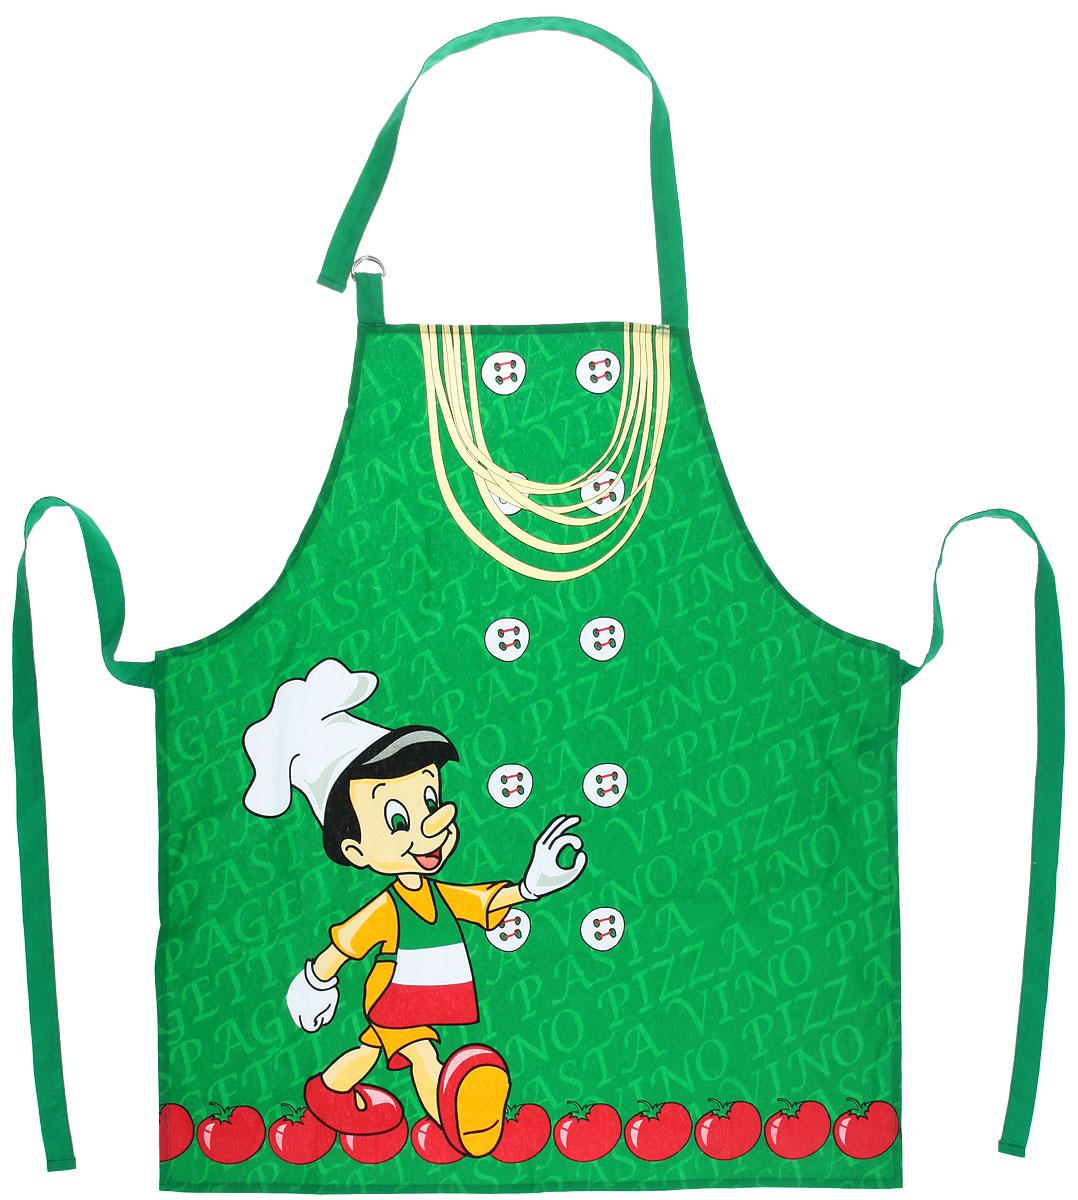 Фартук Bon Appetit Италия, 68 х 75 см57892Фартук Bon Appetit Италия, изготовленный из натурального 100% хлопка, оснащен карманом и регулируемым шейным ремешком, который поможет подогнать фартук по вашему росту. Удлиненный пояс можно завязать сзади или обернуть вокруг талии, благодаря чему фартук подойдет на фигуру S-XXL. Такой фартук поднимет настроение, позволит почувствовать себя нарядной и женственной при выполнении домашних дел.